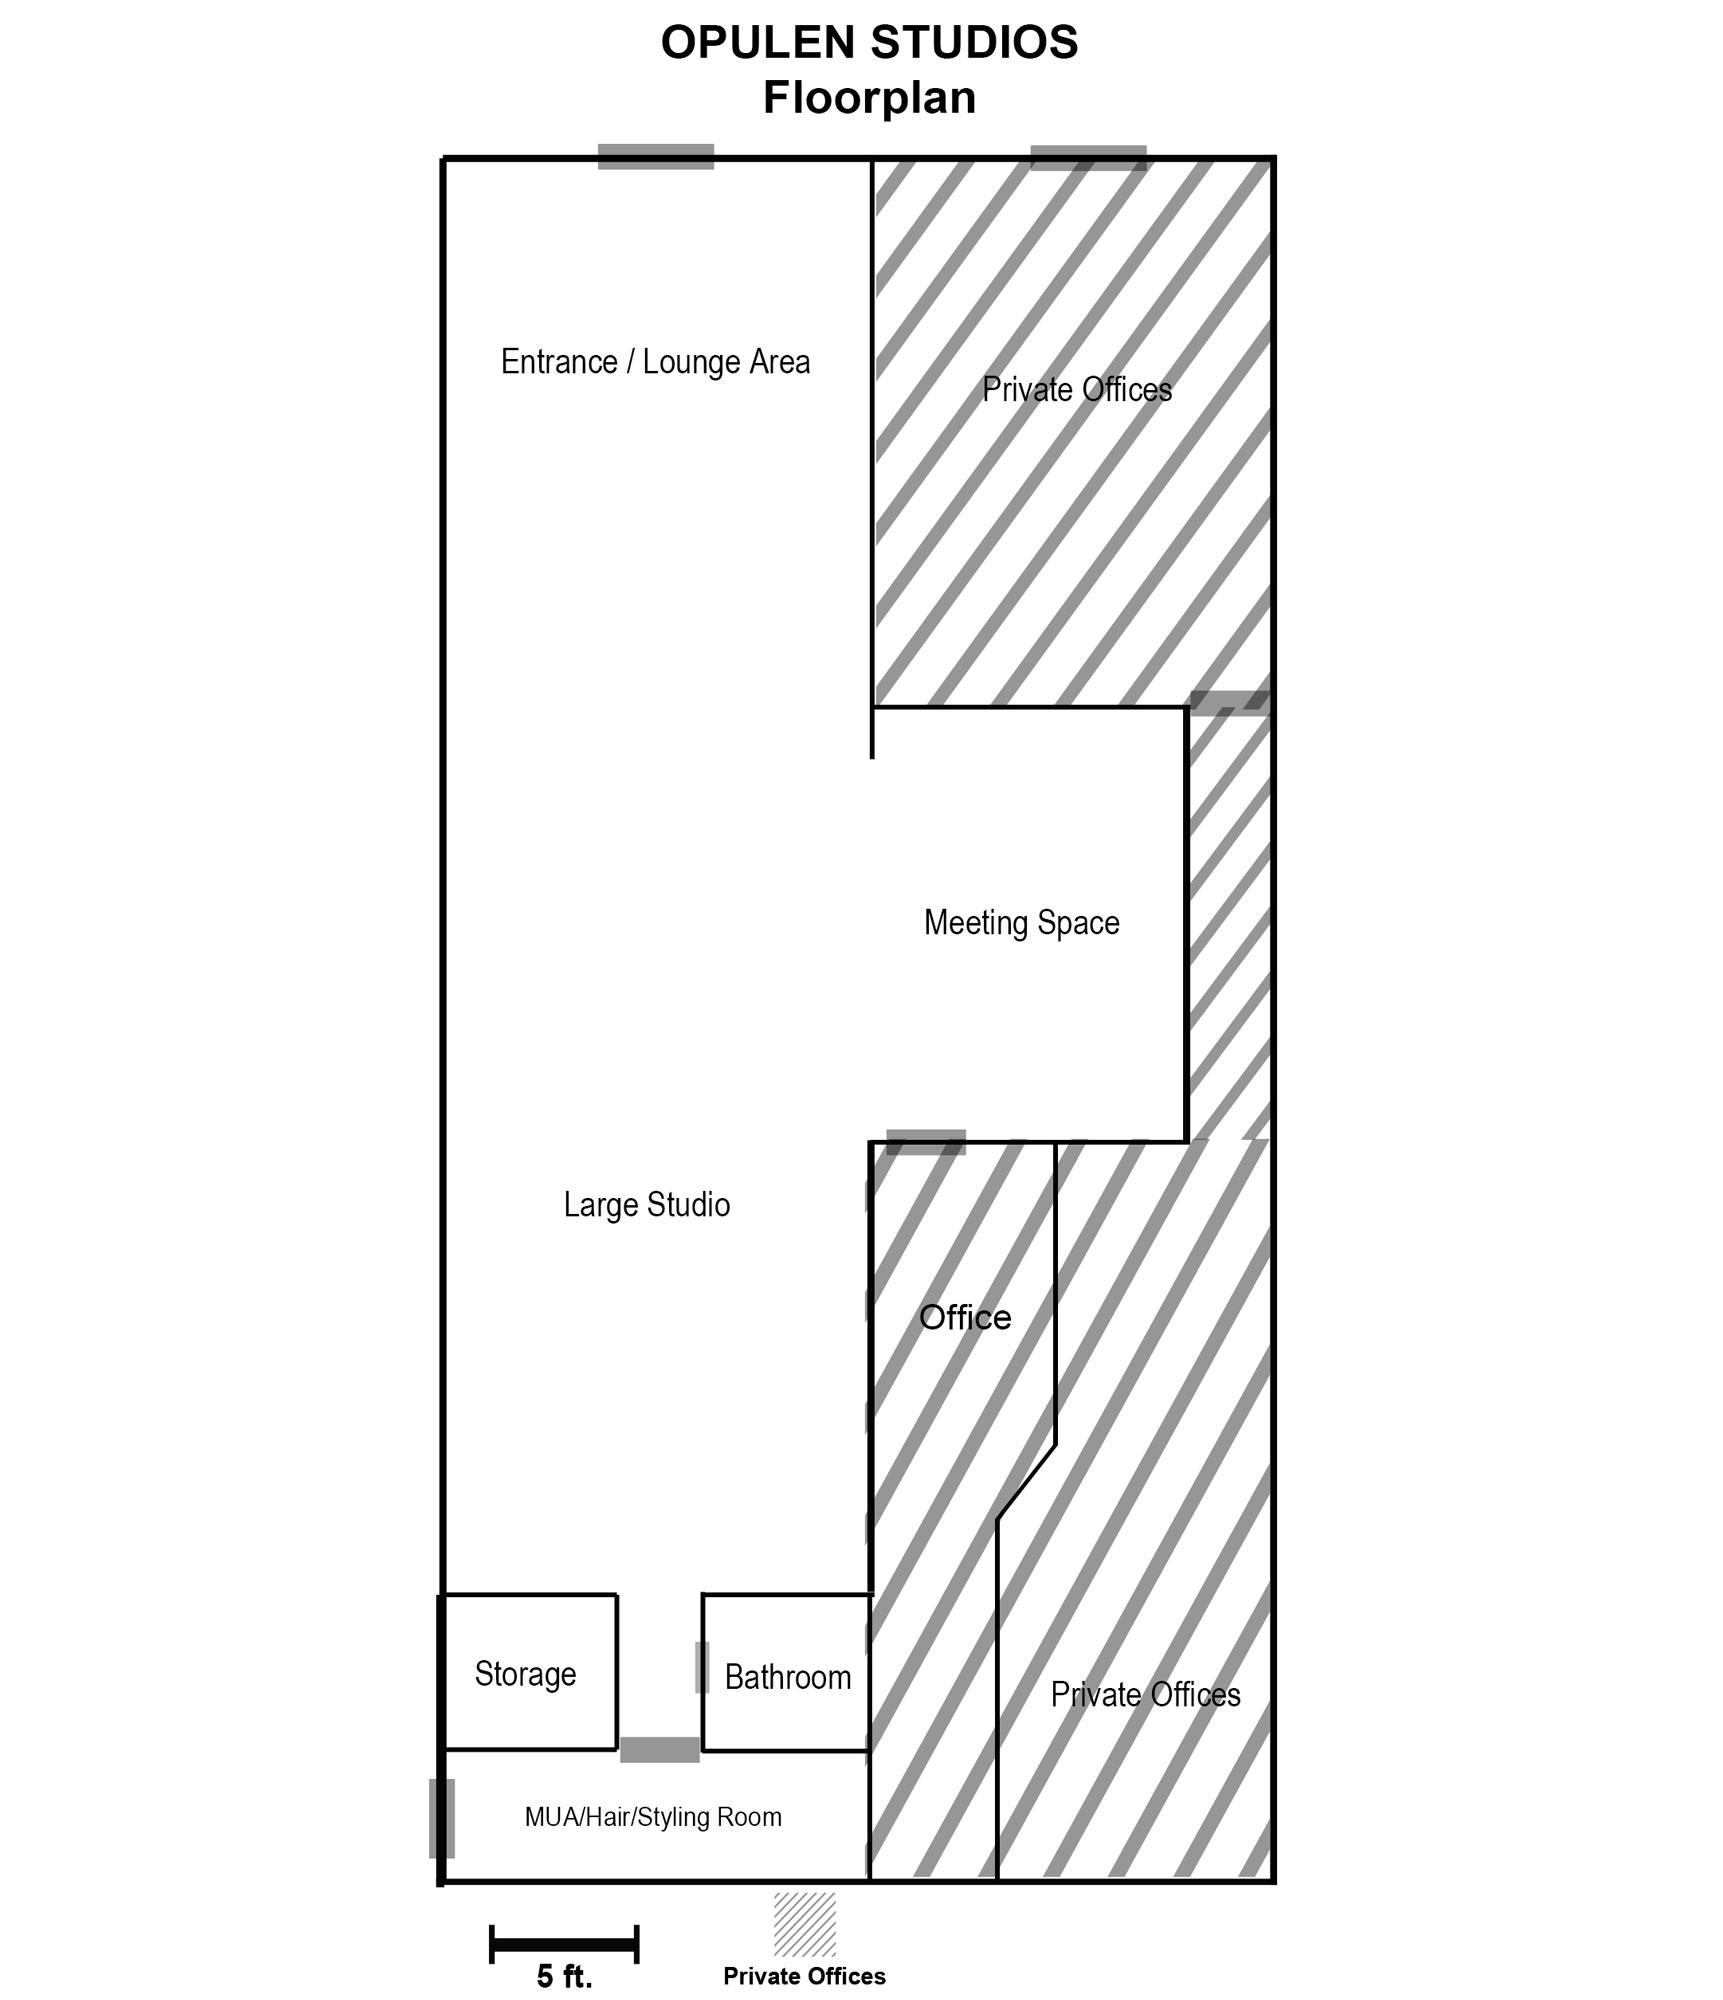 2016 Floor plan